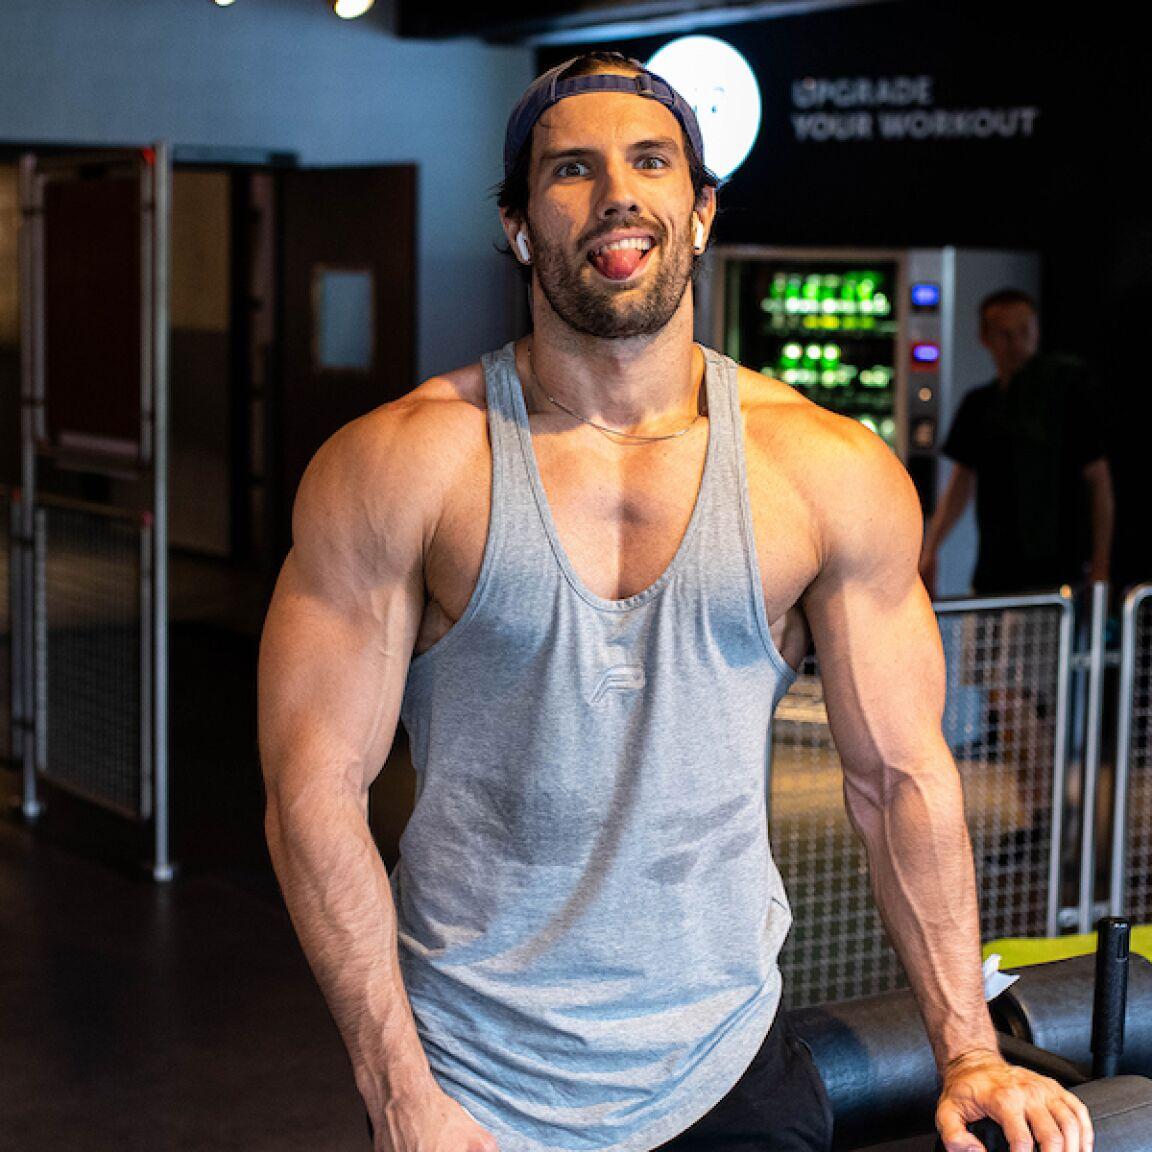 training mit muskelkater ja oder nein